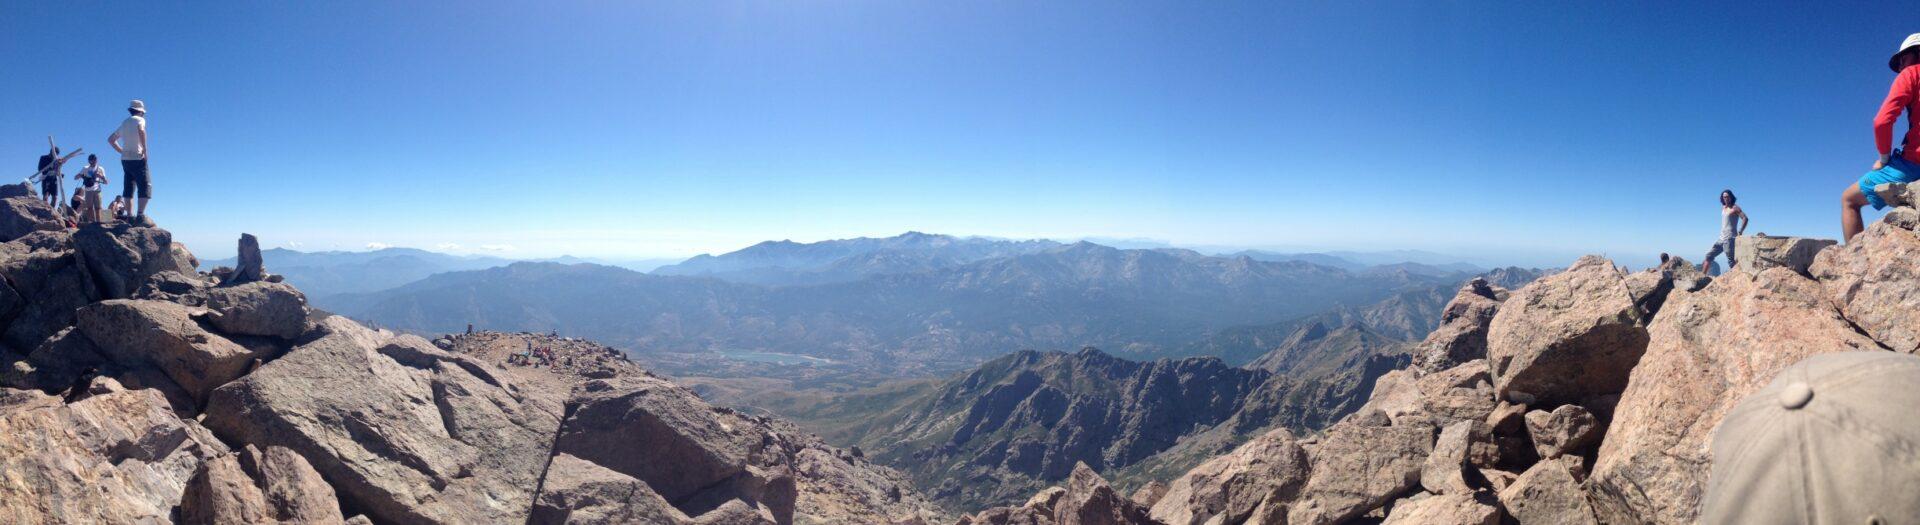 Blick vom Monte Cinto-Gipfel nach Süden